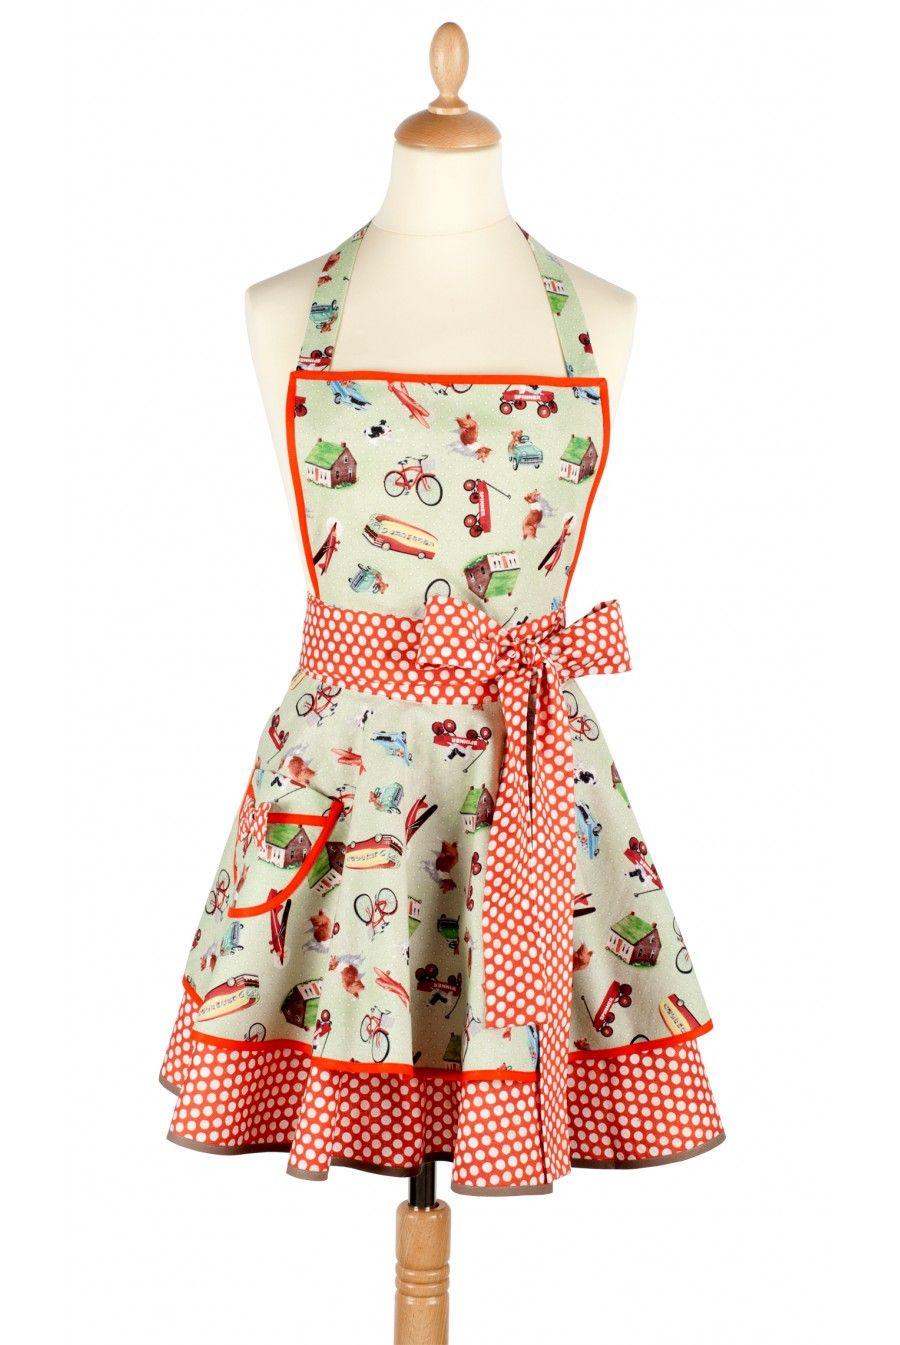 Les tabliers madame choup une merveille de feminit pour for Tablier de cuisine couture